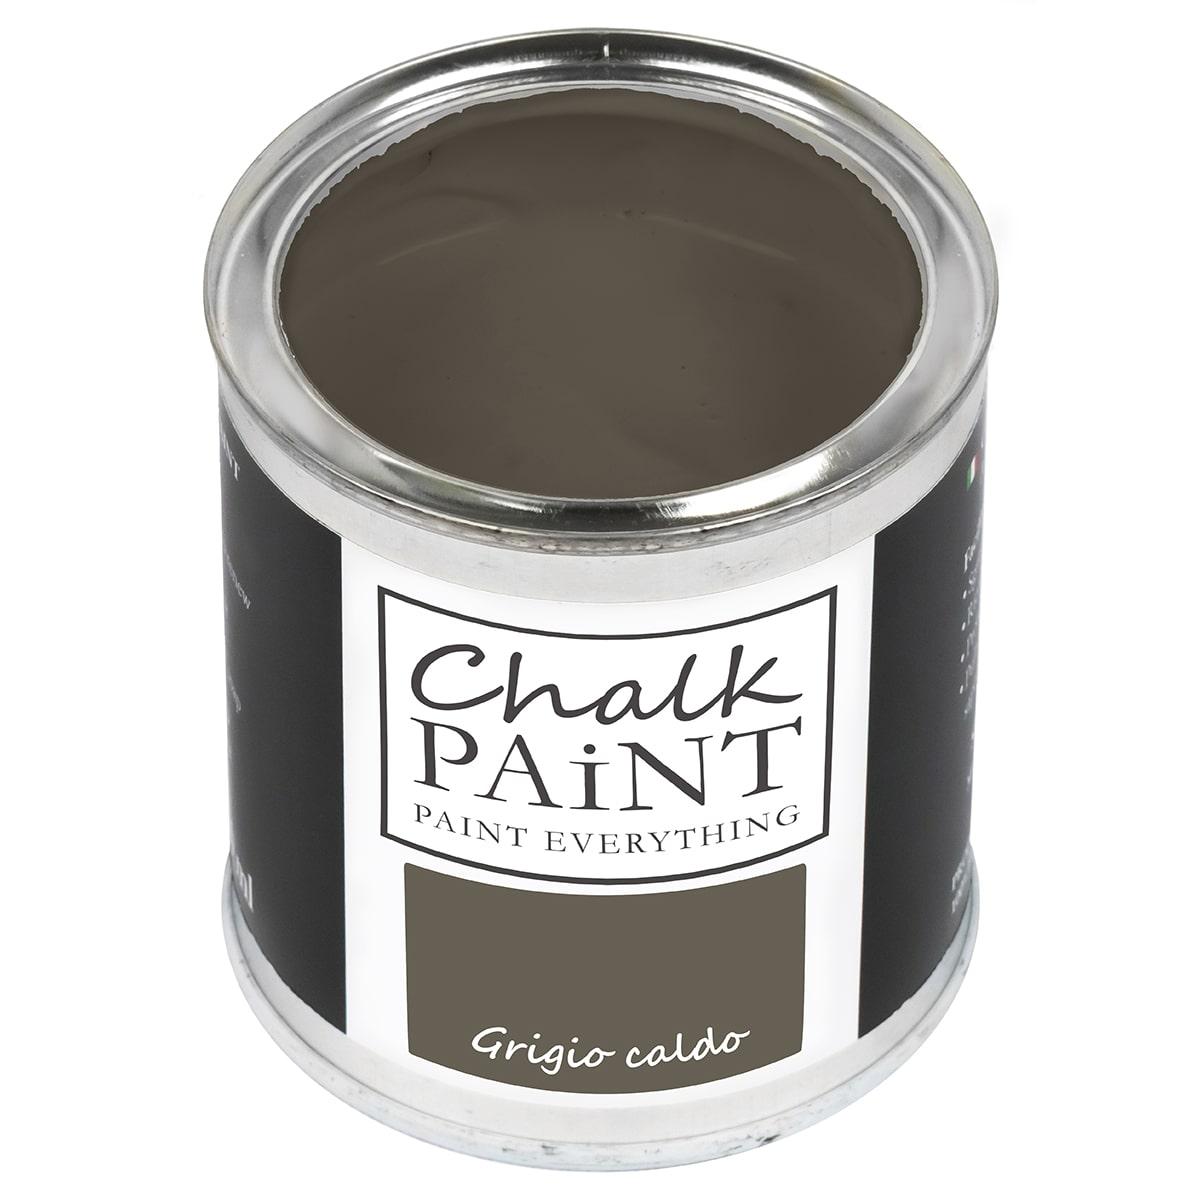 Chalk Paint Grigio caldo